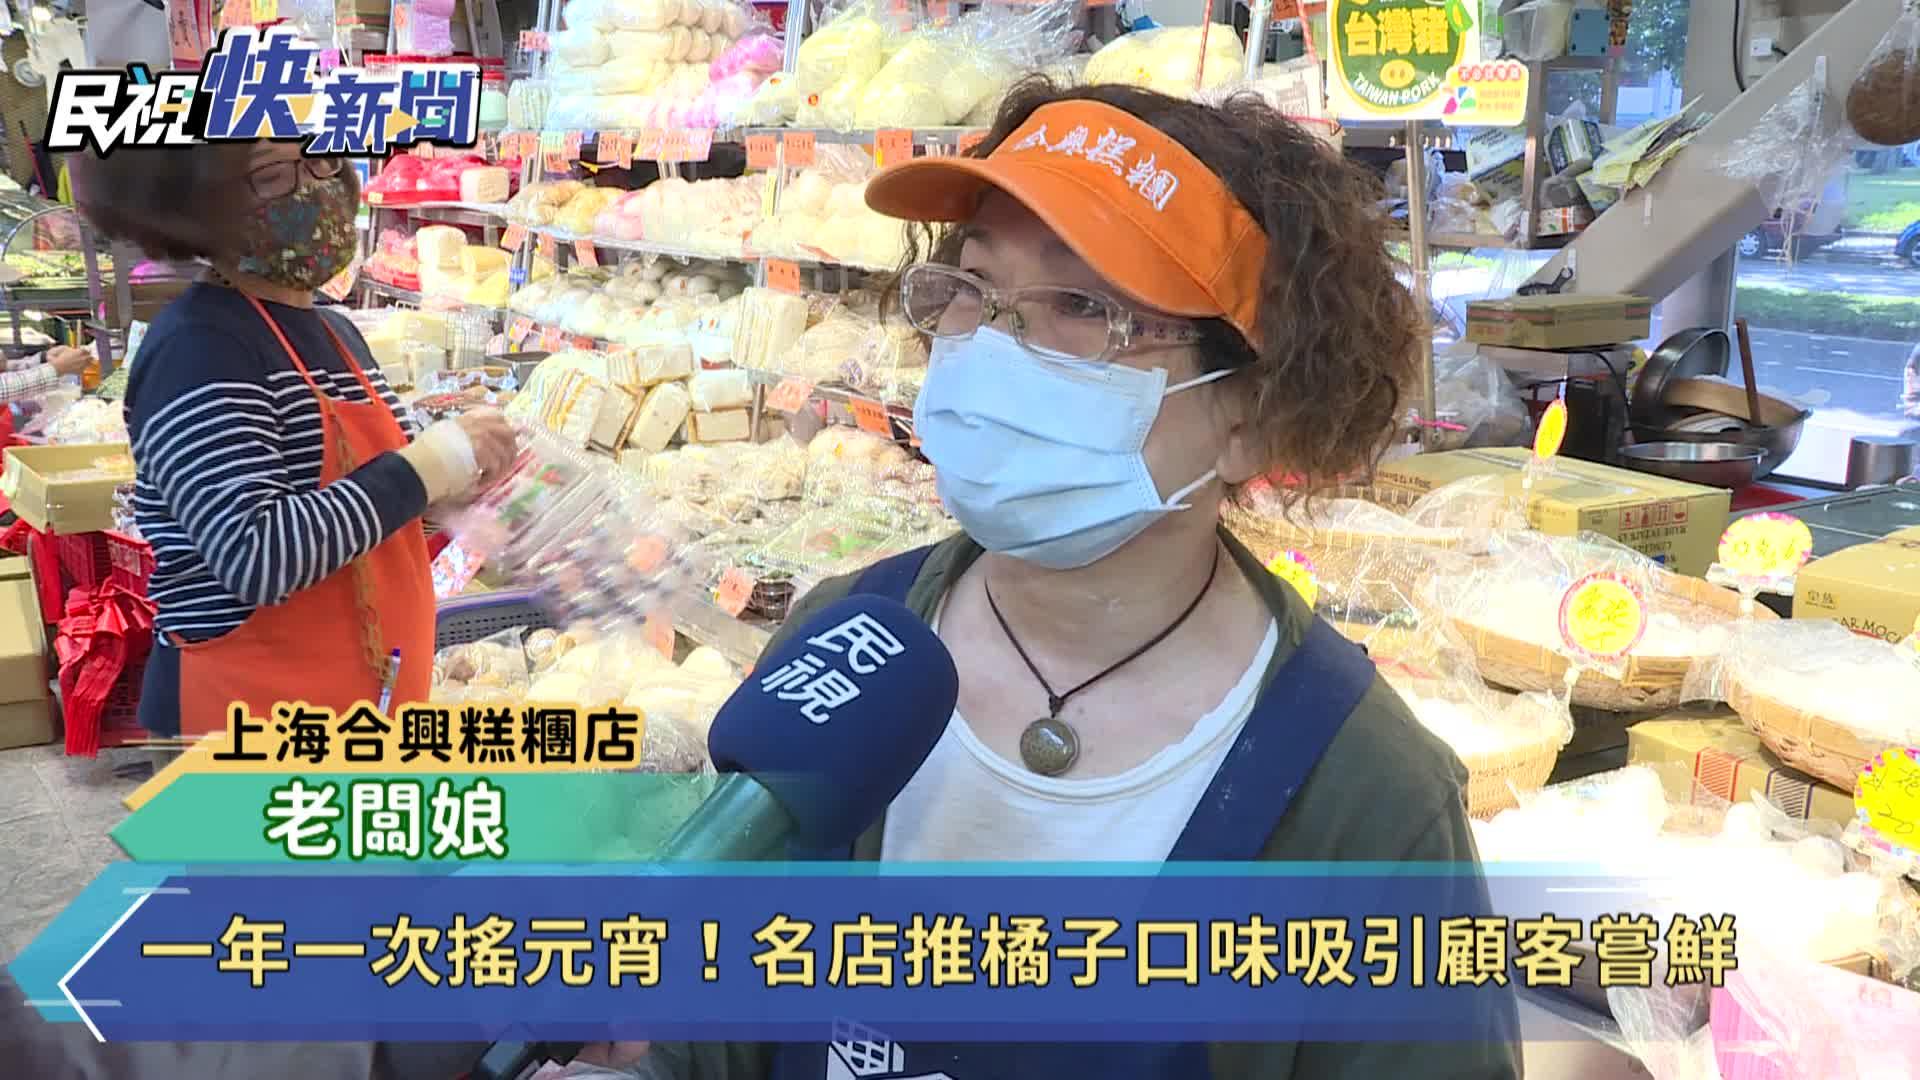 一年一次搖元宵!名店推橘子口味吸引顧客嘗鮮